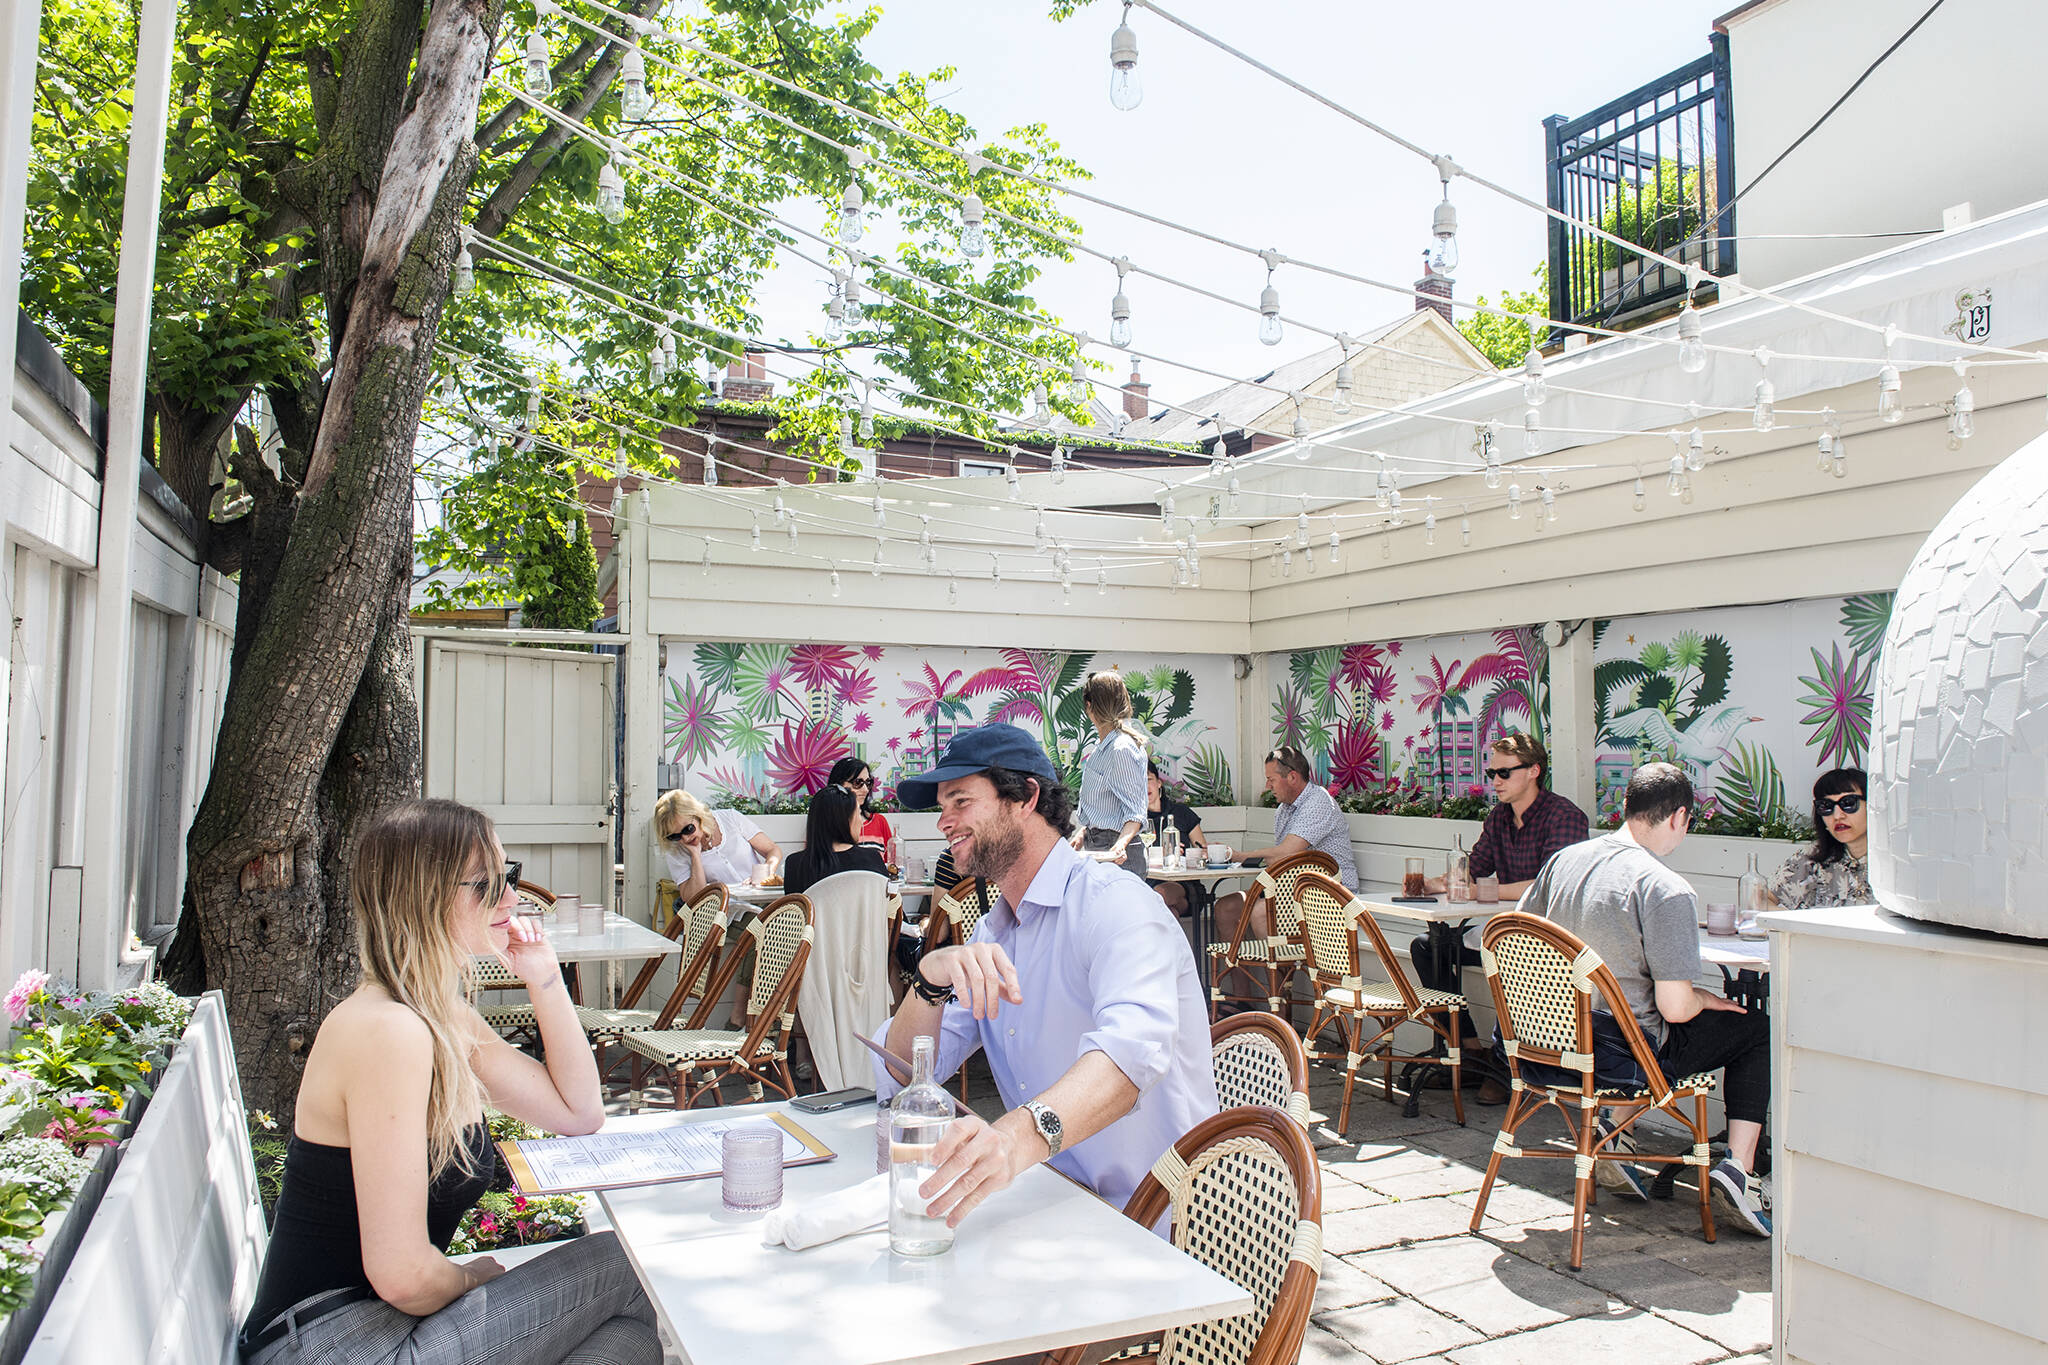 brunch patios toronto